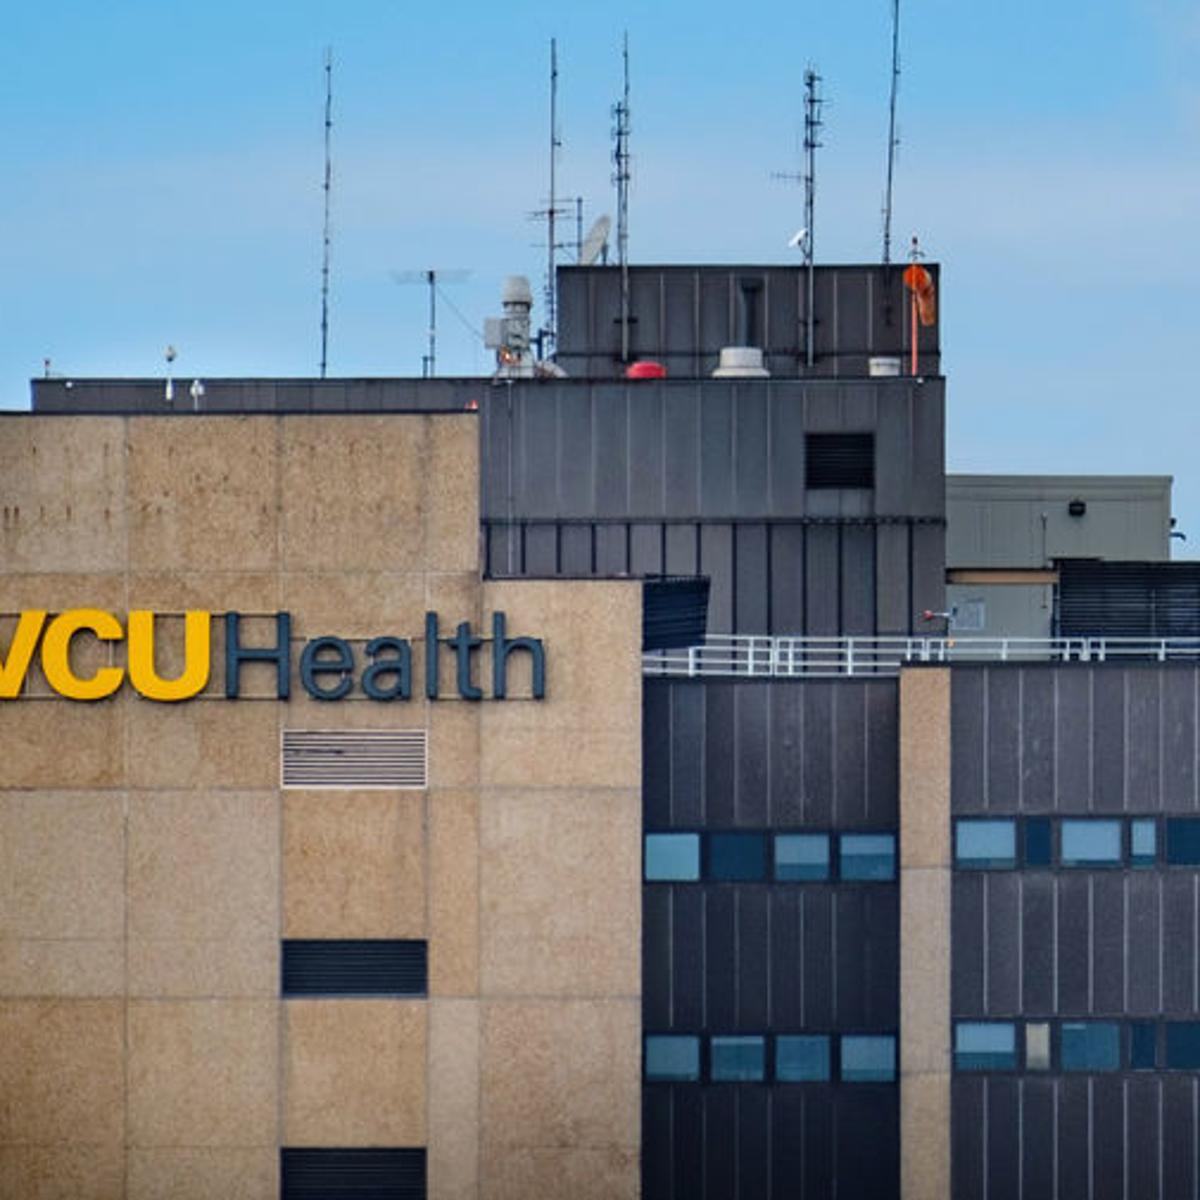 VCU doctor files $15 million defamation suit against